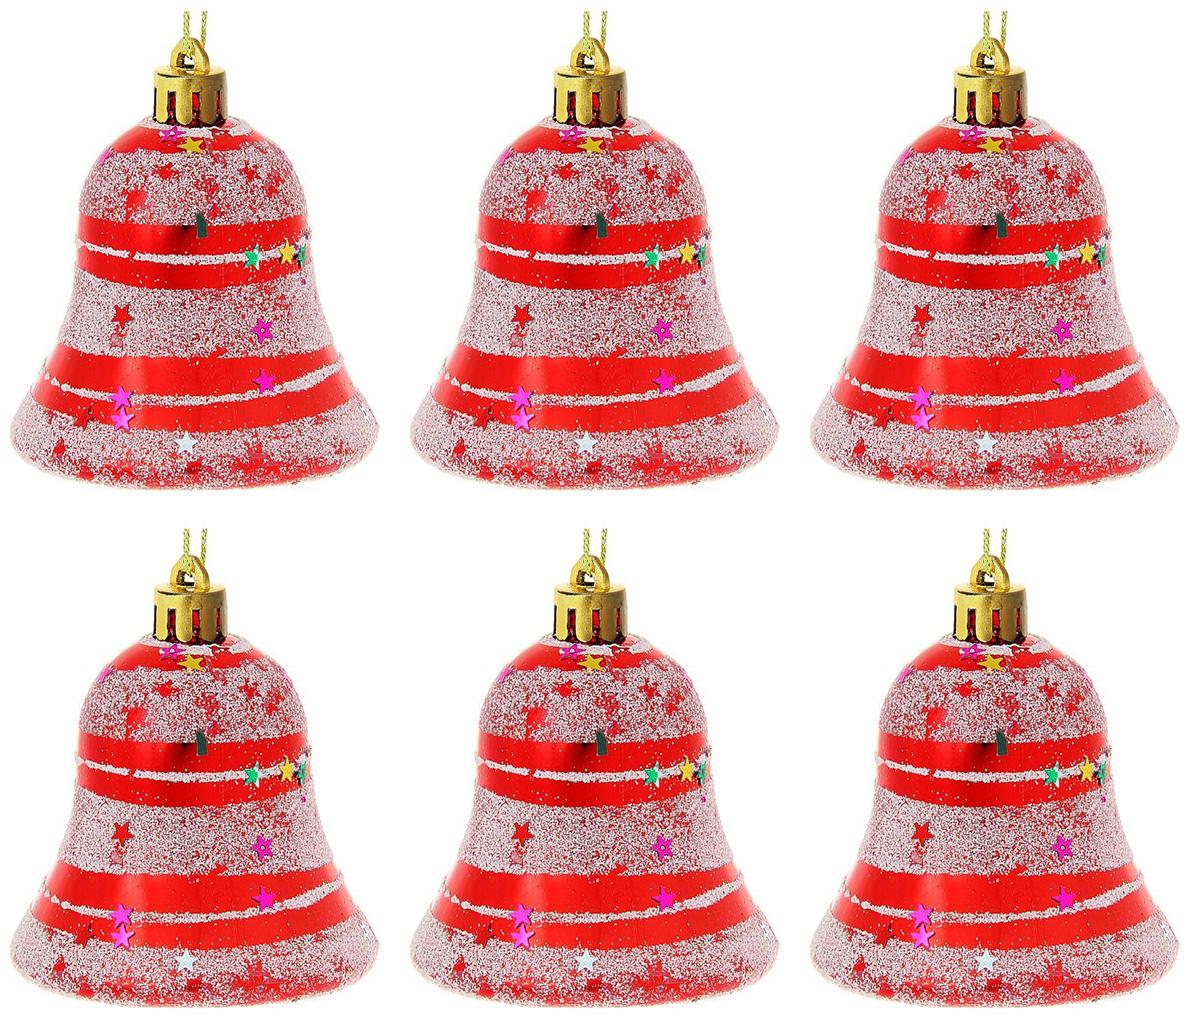 Новогоднее подвесное украшение Sima-land Колокольчик. Полоски со звездами, 5,5 см, 6 шт1116491Новогоднее украшение Sima-land отлично подойдет для декорации вашего дома и новогодней ели. Елочная игрушка - символ Нового года. Она несет в себе волшебство и красоту праздника. Такое украшение создаст в вашем доме атмосферу праздника, веселья и радости.